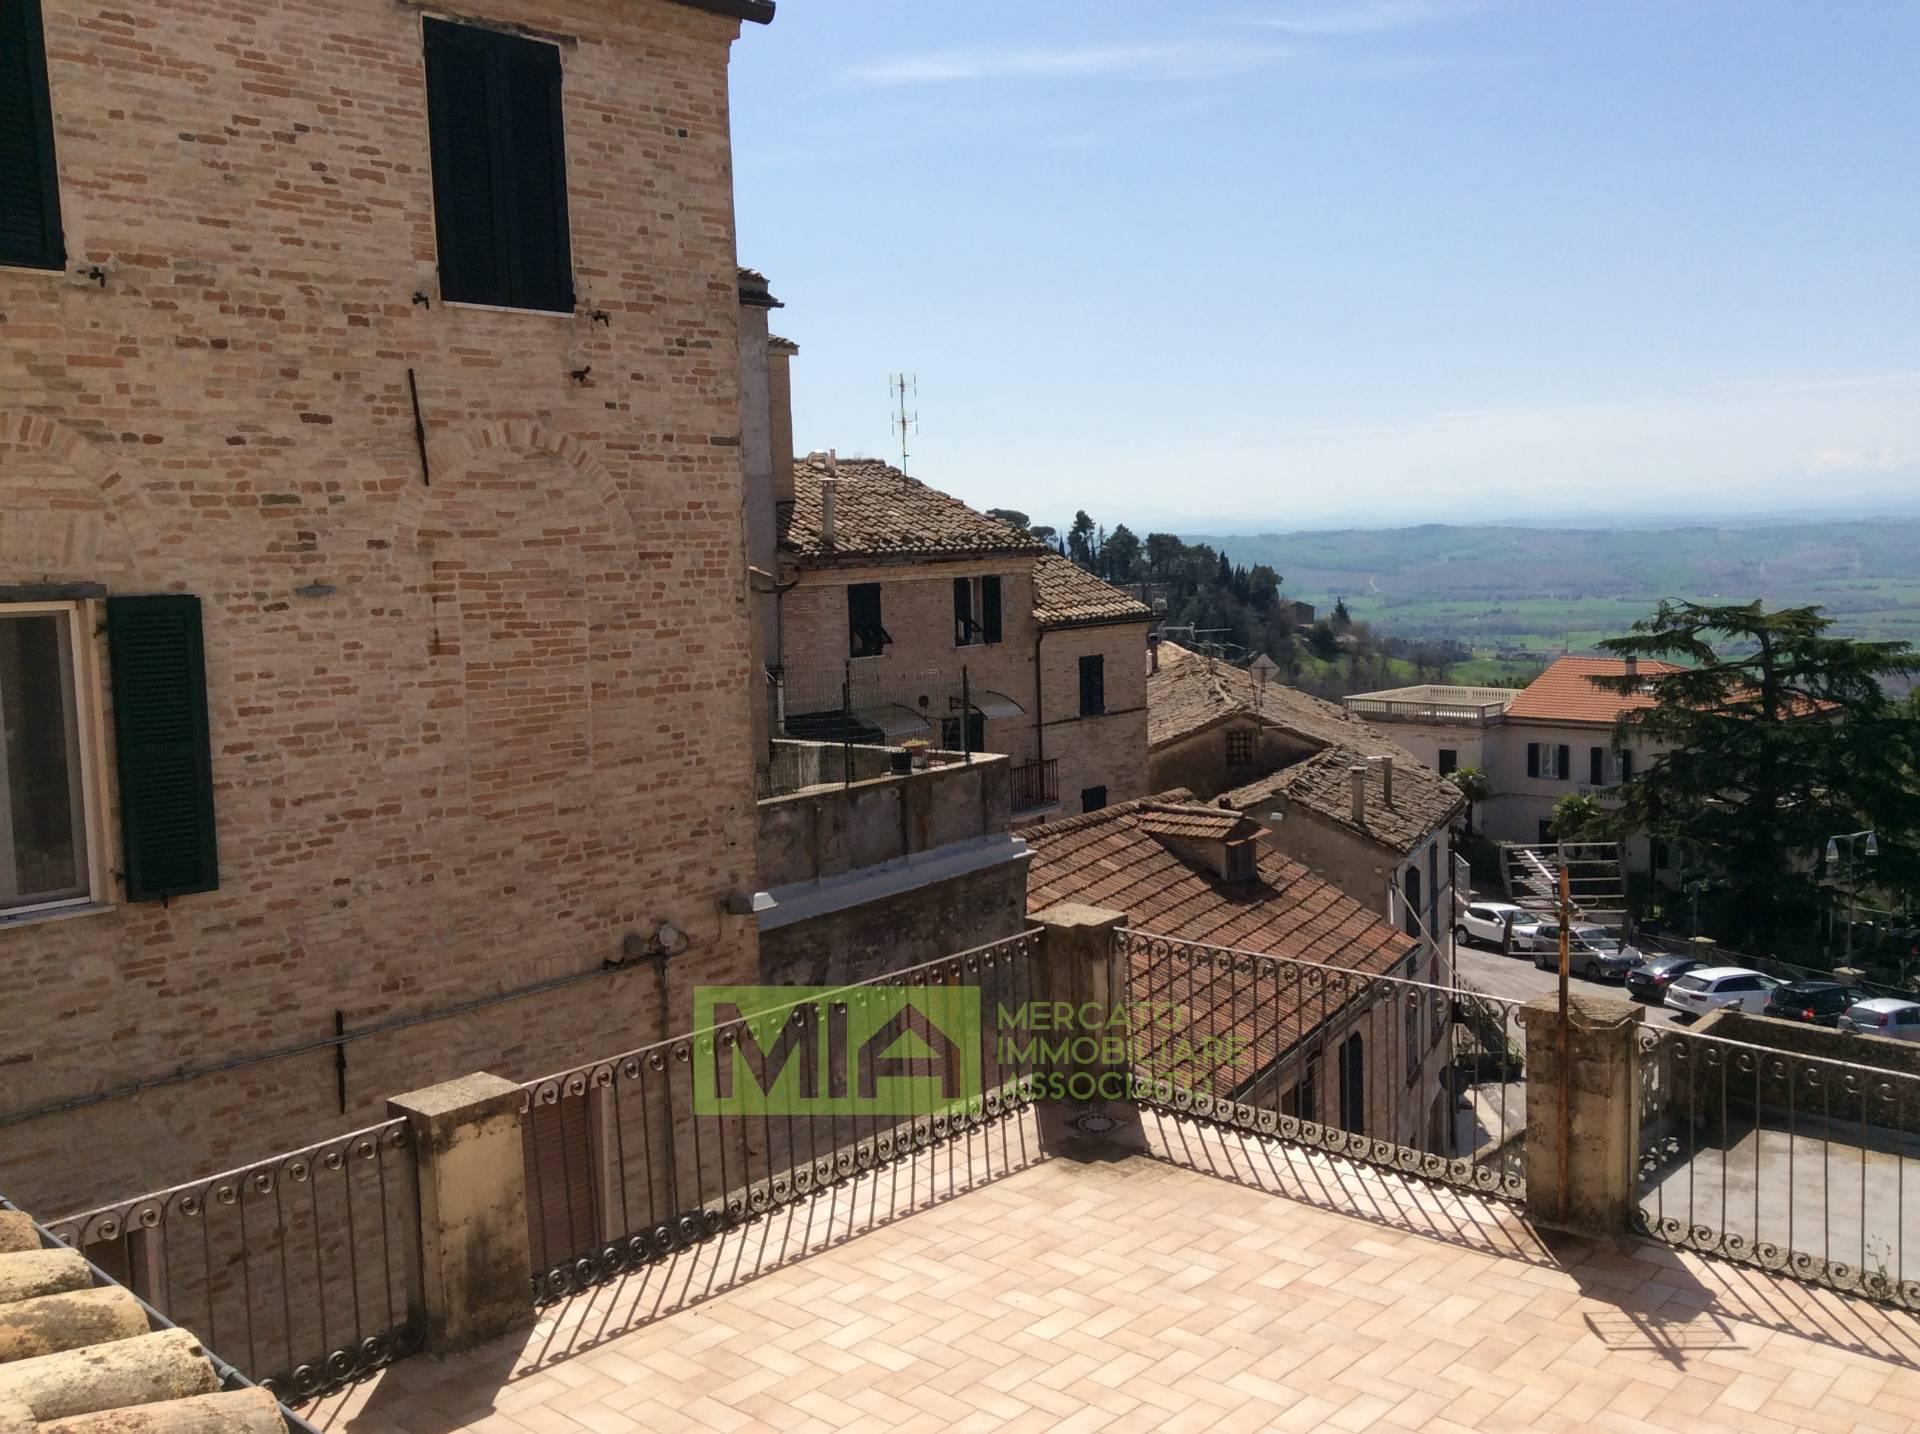 Appartamento in vendita a Recanati, 4 locali, zona Località: CENTRO, prezzo € 207.000 | CambioCasa.it